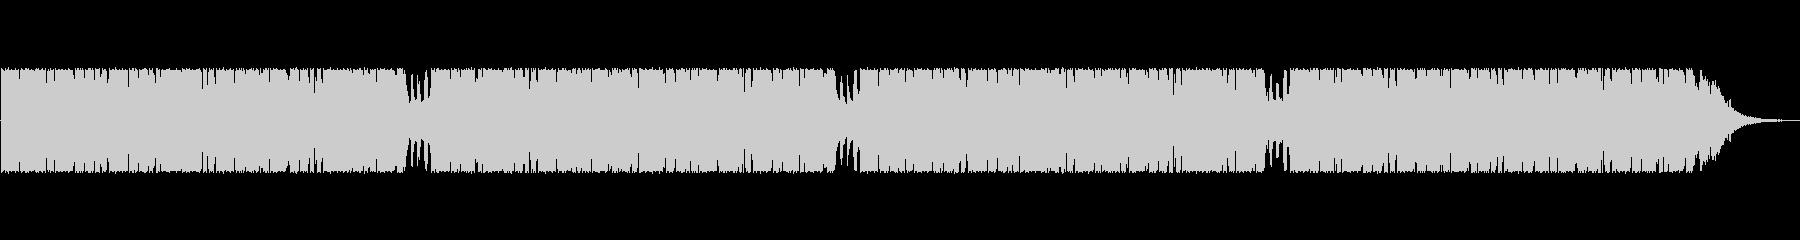 無機質なSF風BGMの未再生の波形